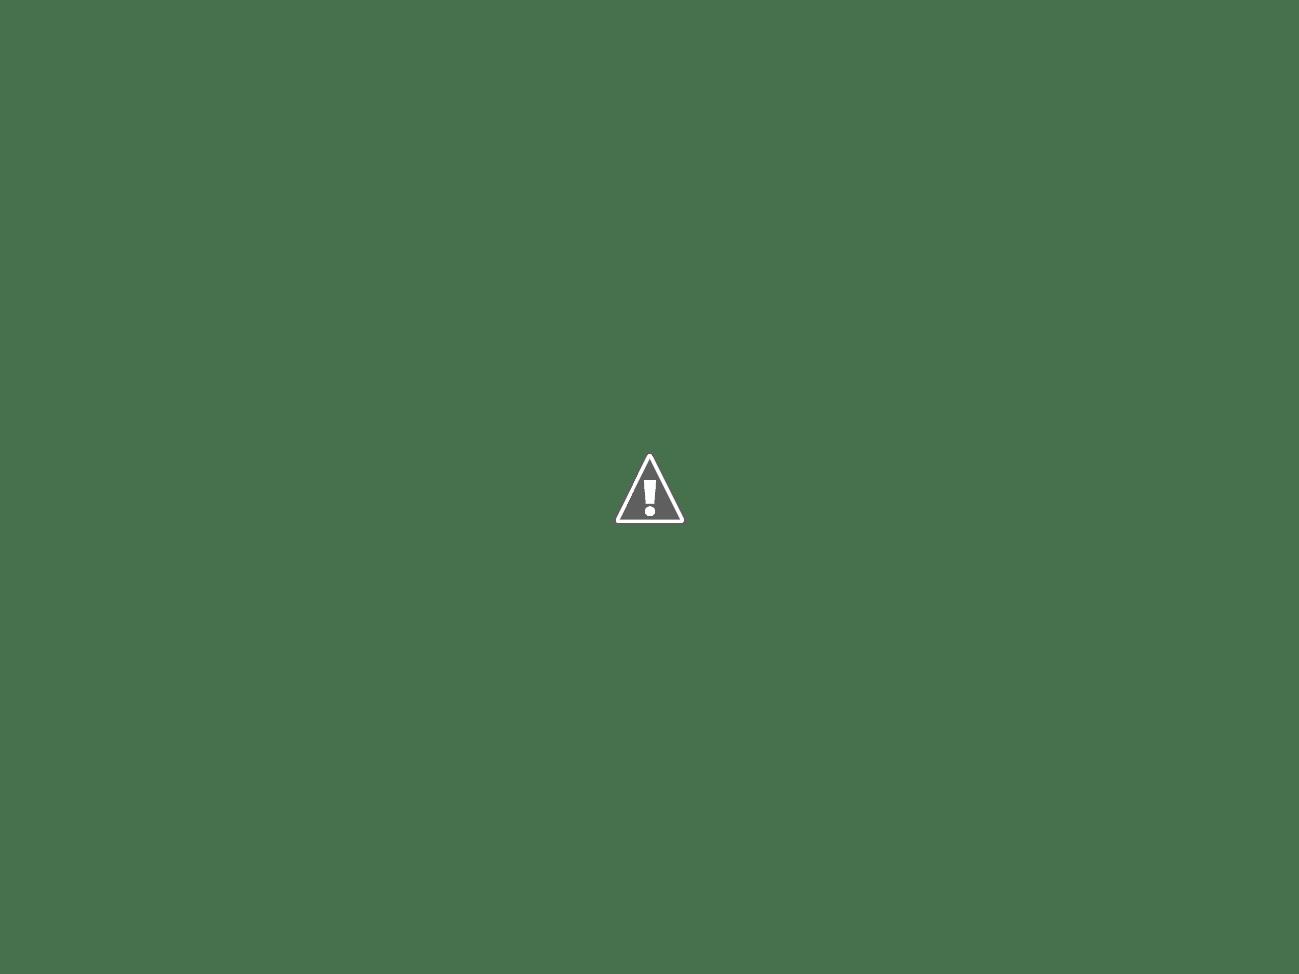 Körmend-Horvátnádalja - Házaspárok útja a templomkertben